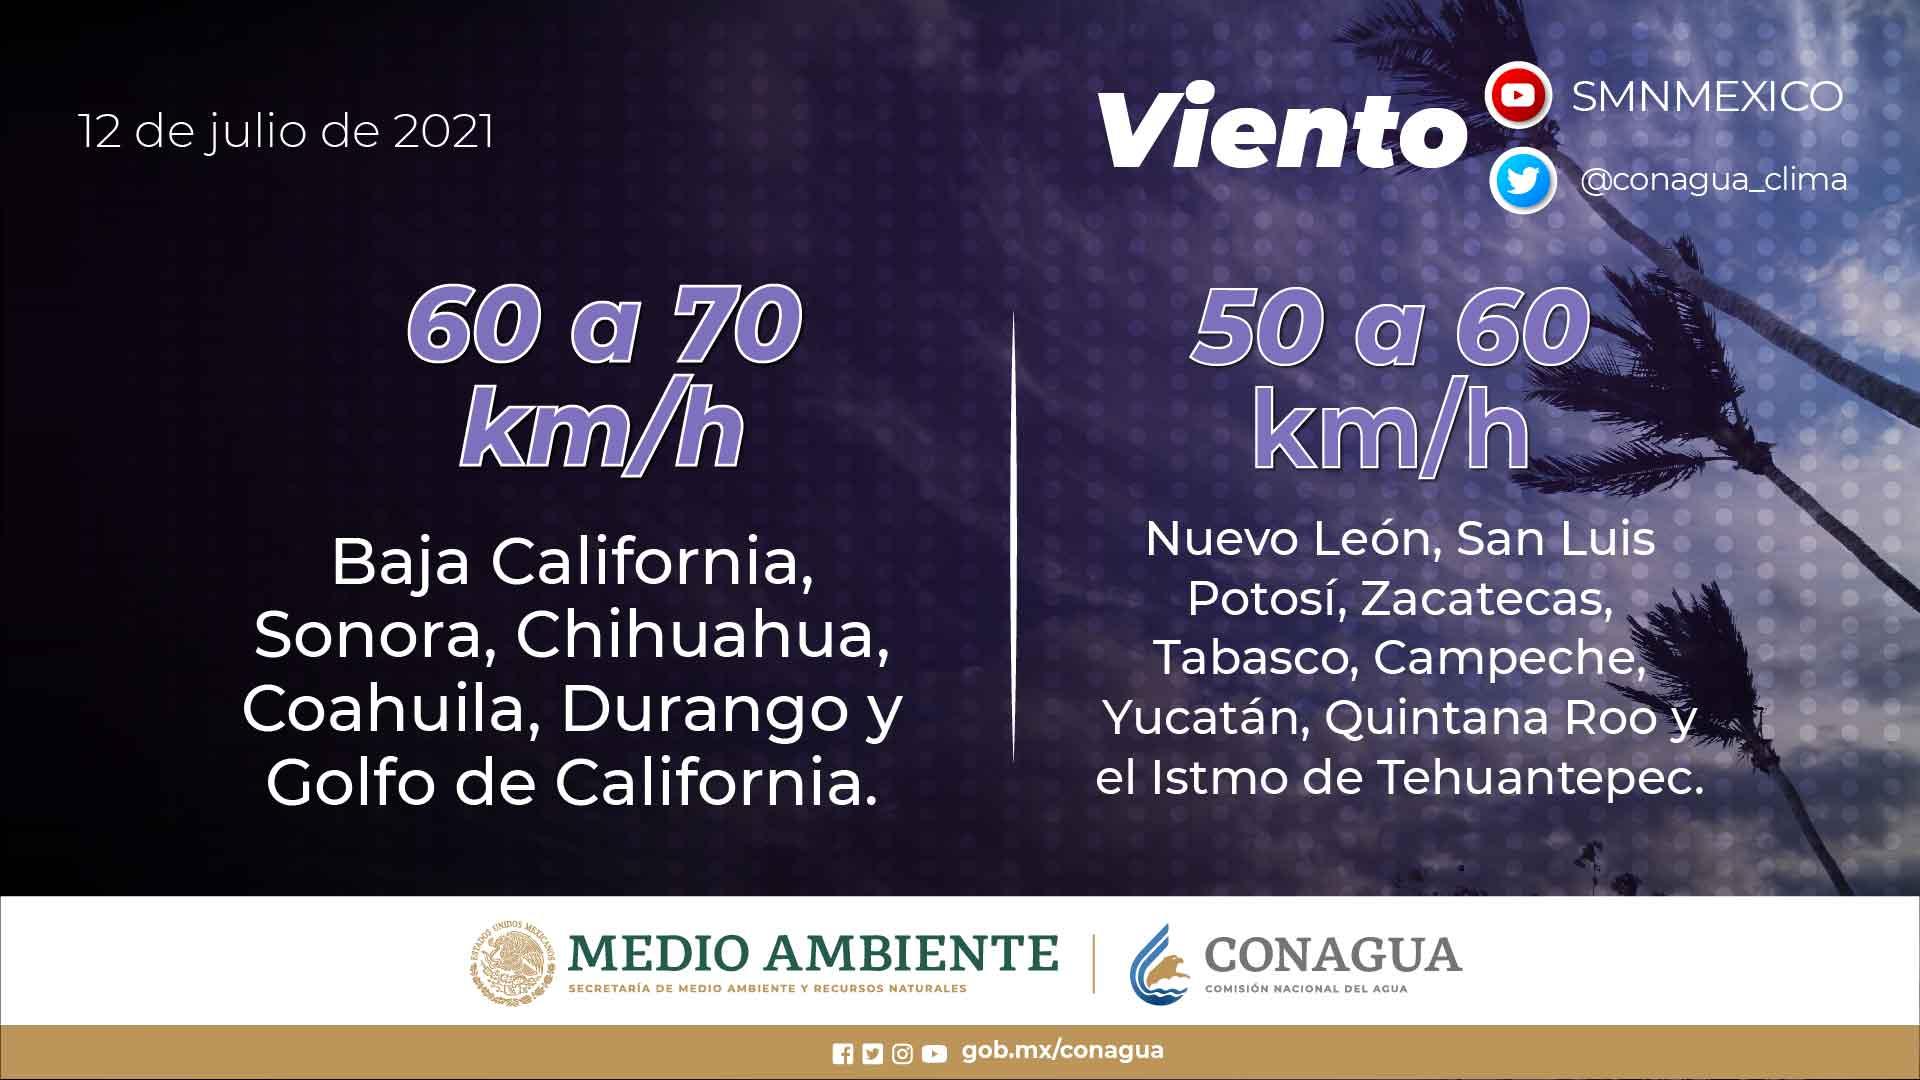 Debido a la canícula, prevé el SMN disminución de lluvias en julio y agosto en algunas regiones de México